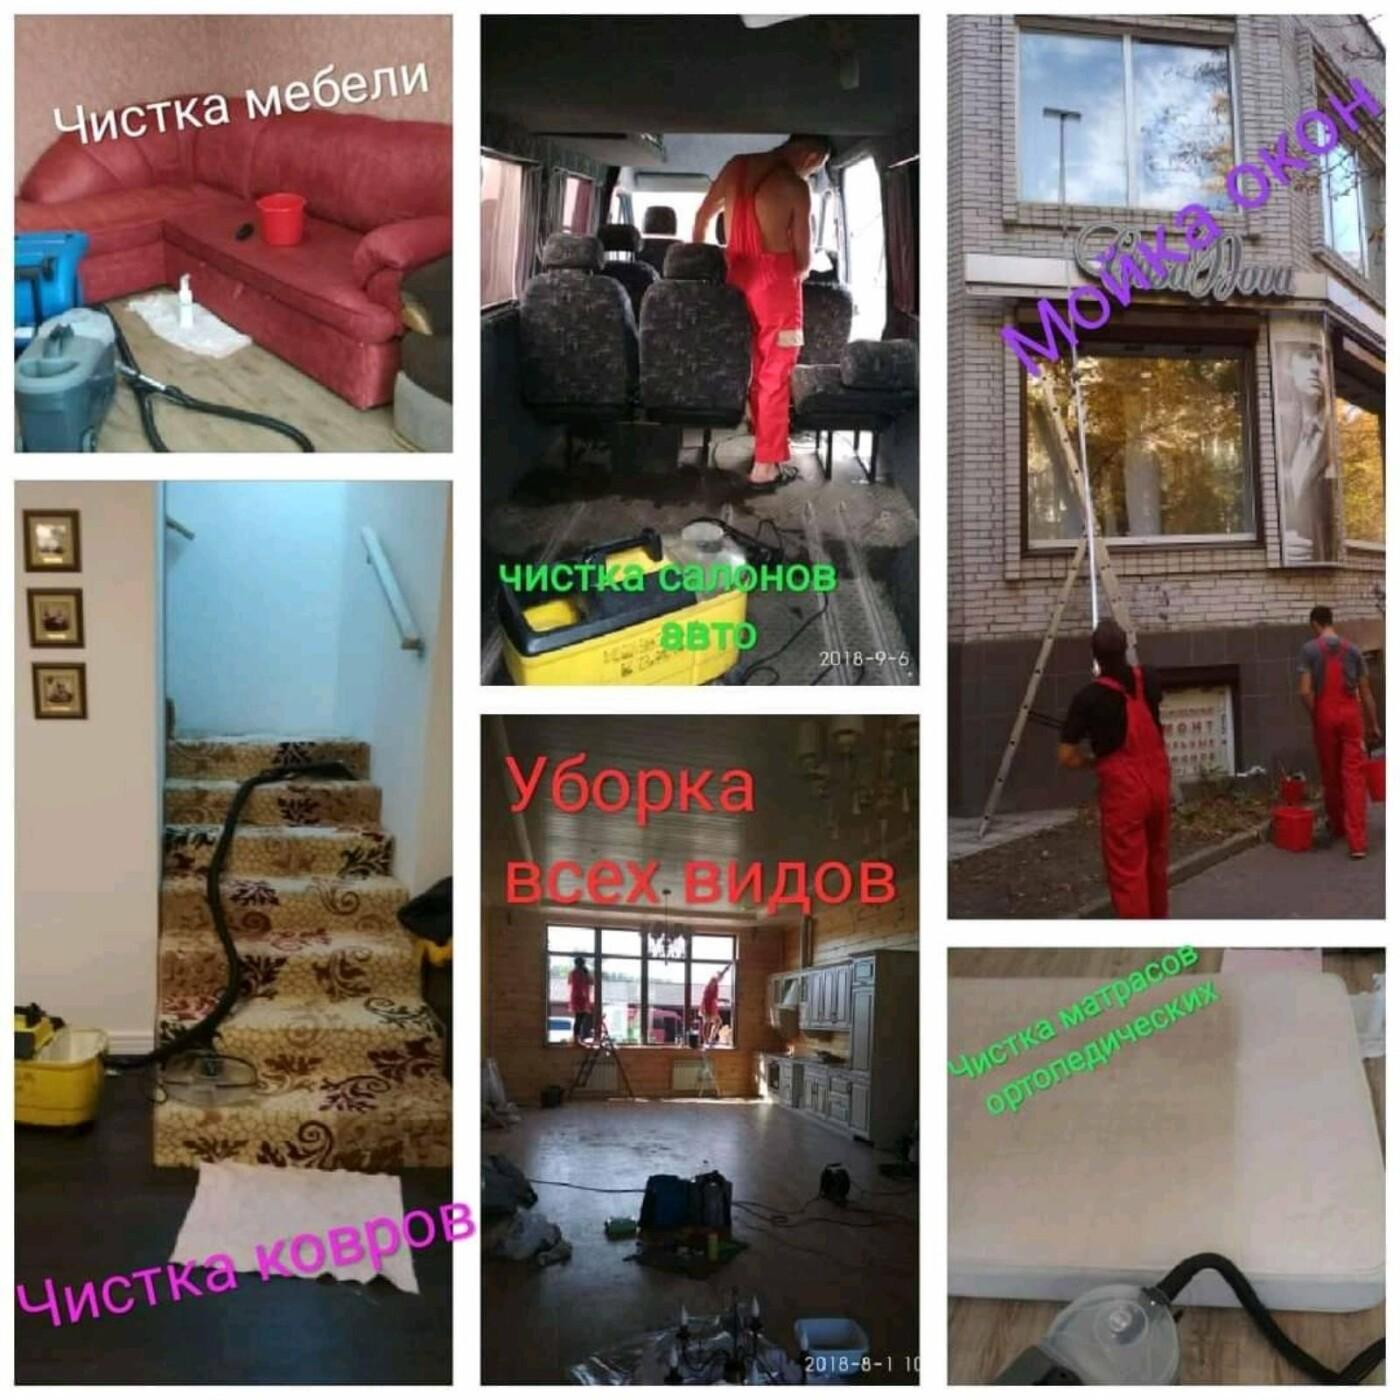 Прибирання квартир, будинків та офісів у Чернігові. Хто допоможе?, фото-24